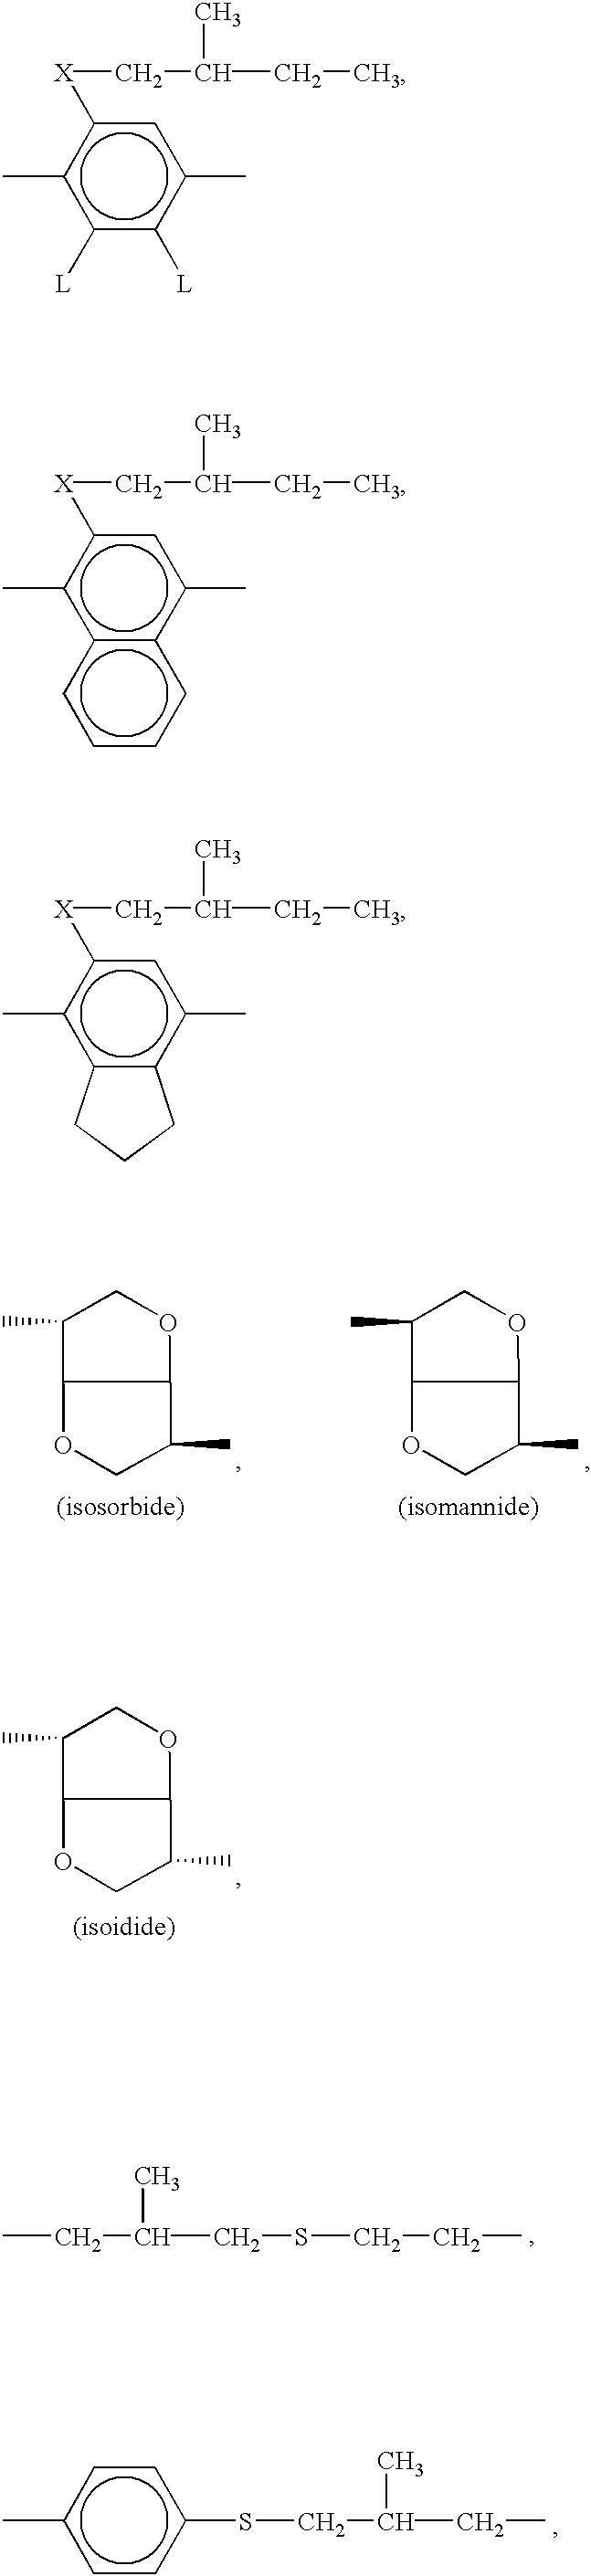 Figure US06582781-20030624-C00034